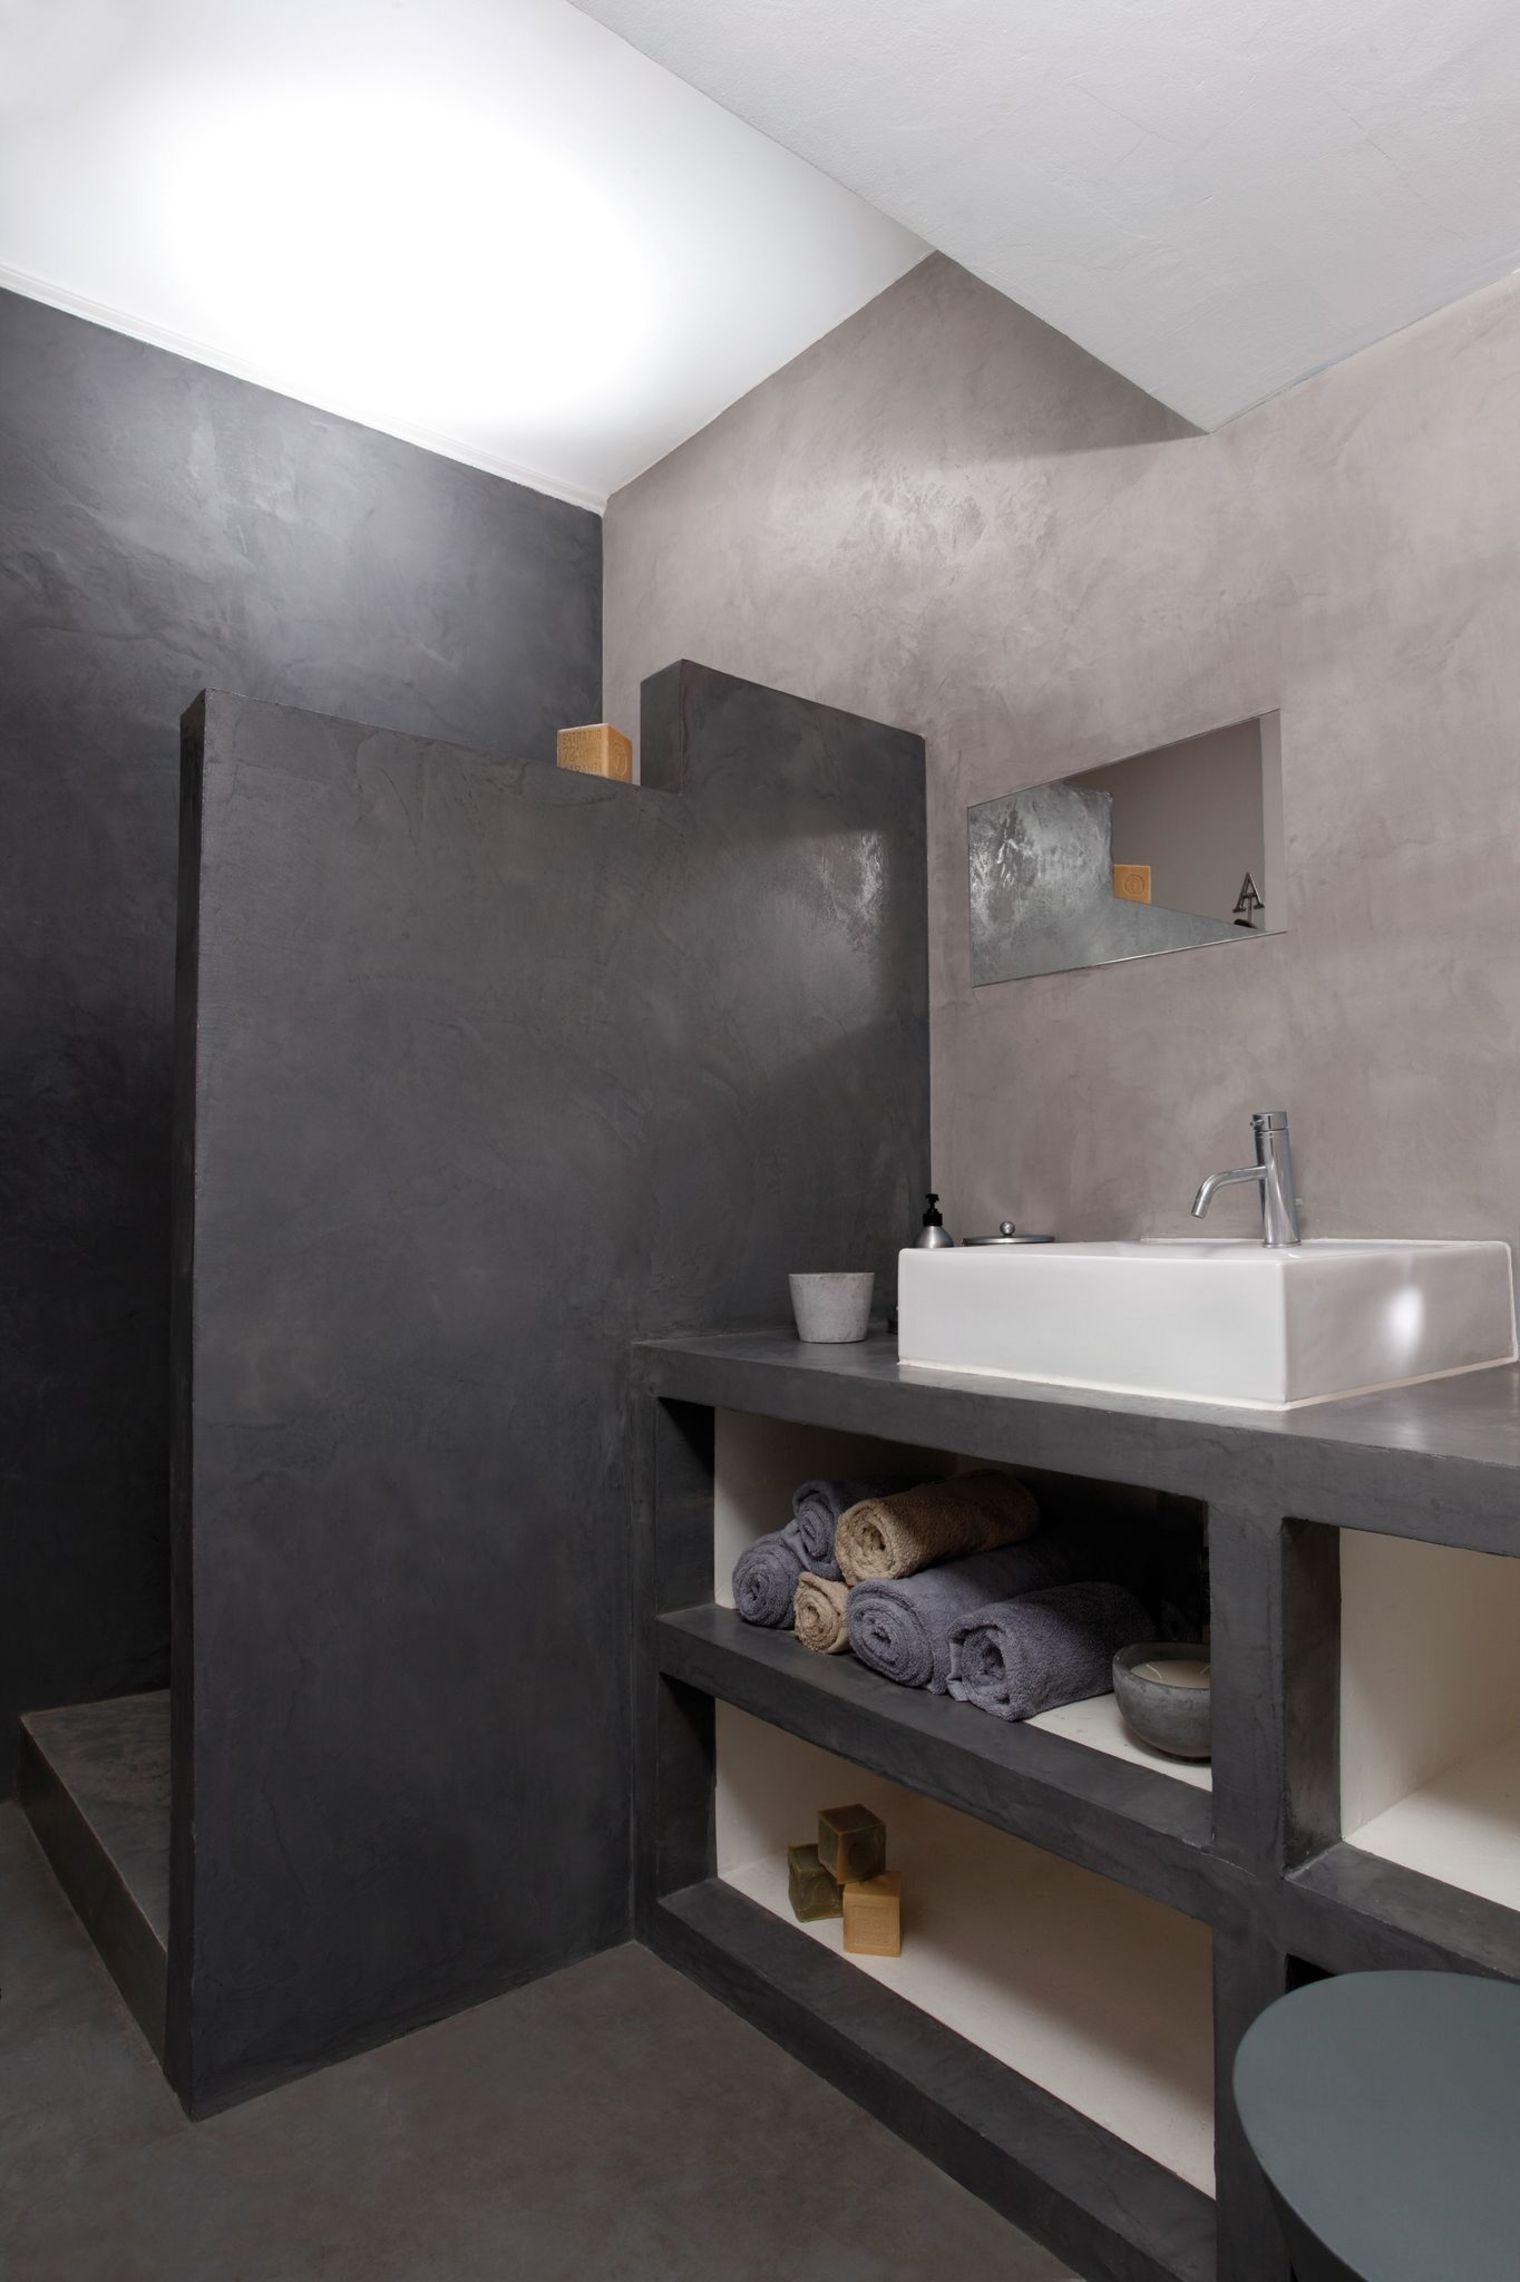 Ванная комната с душевой кабиной и штукатуркой